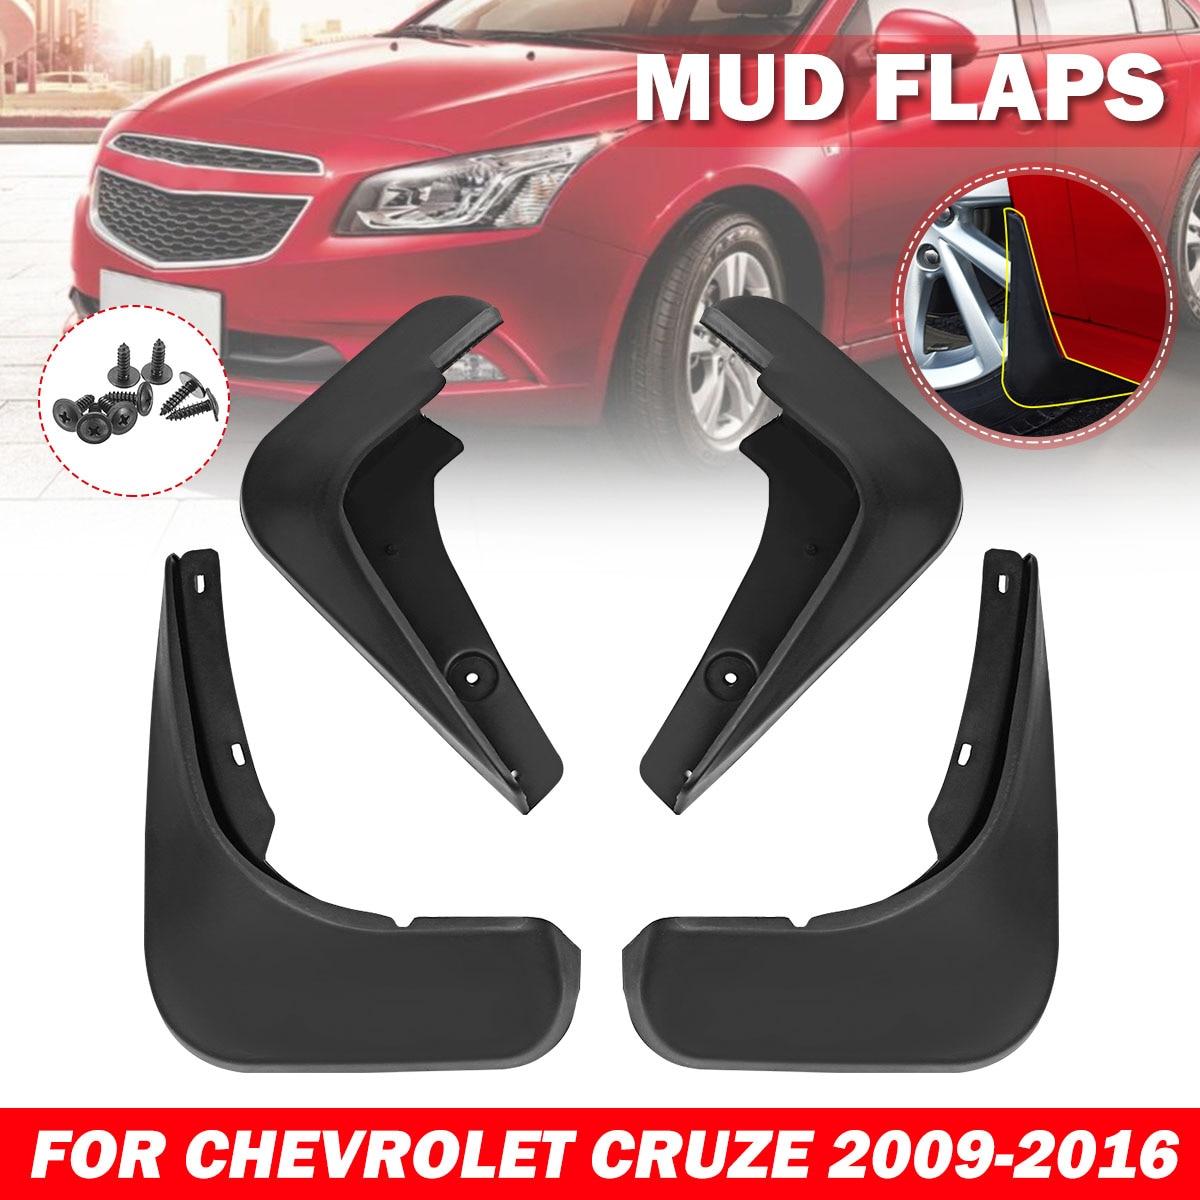 Garde-boue de garde-boue arrière avant de voiture de 4 pièces garde-boue pour Chevrolet/Cruze 2009-2016